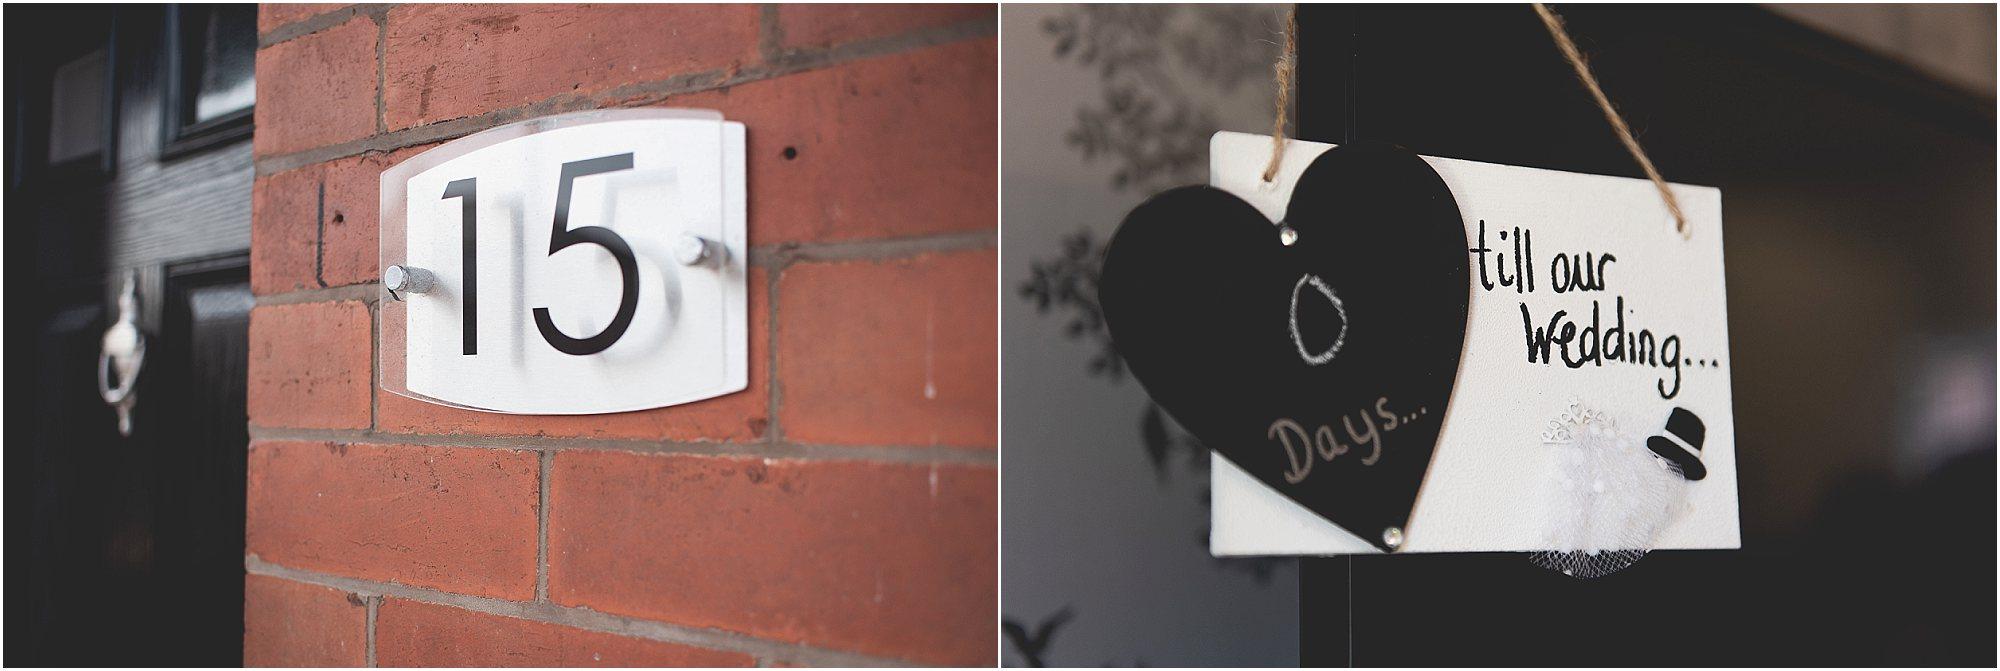 Door number countdown until wedding